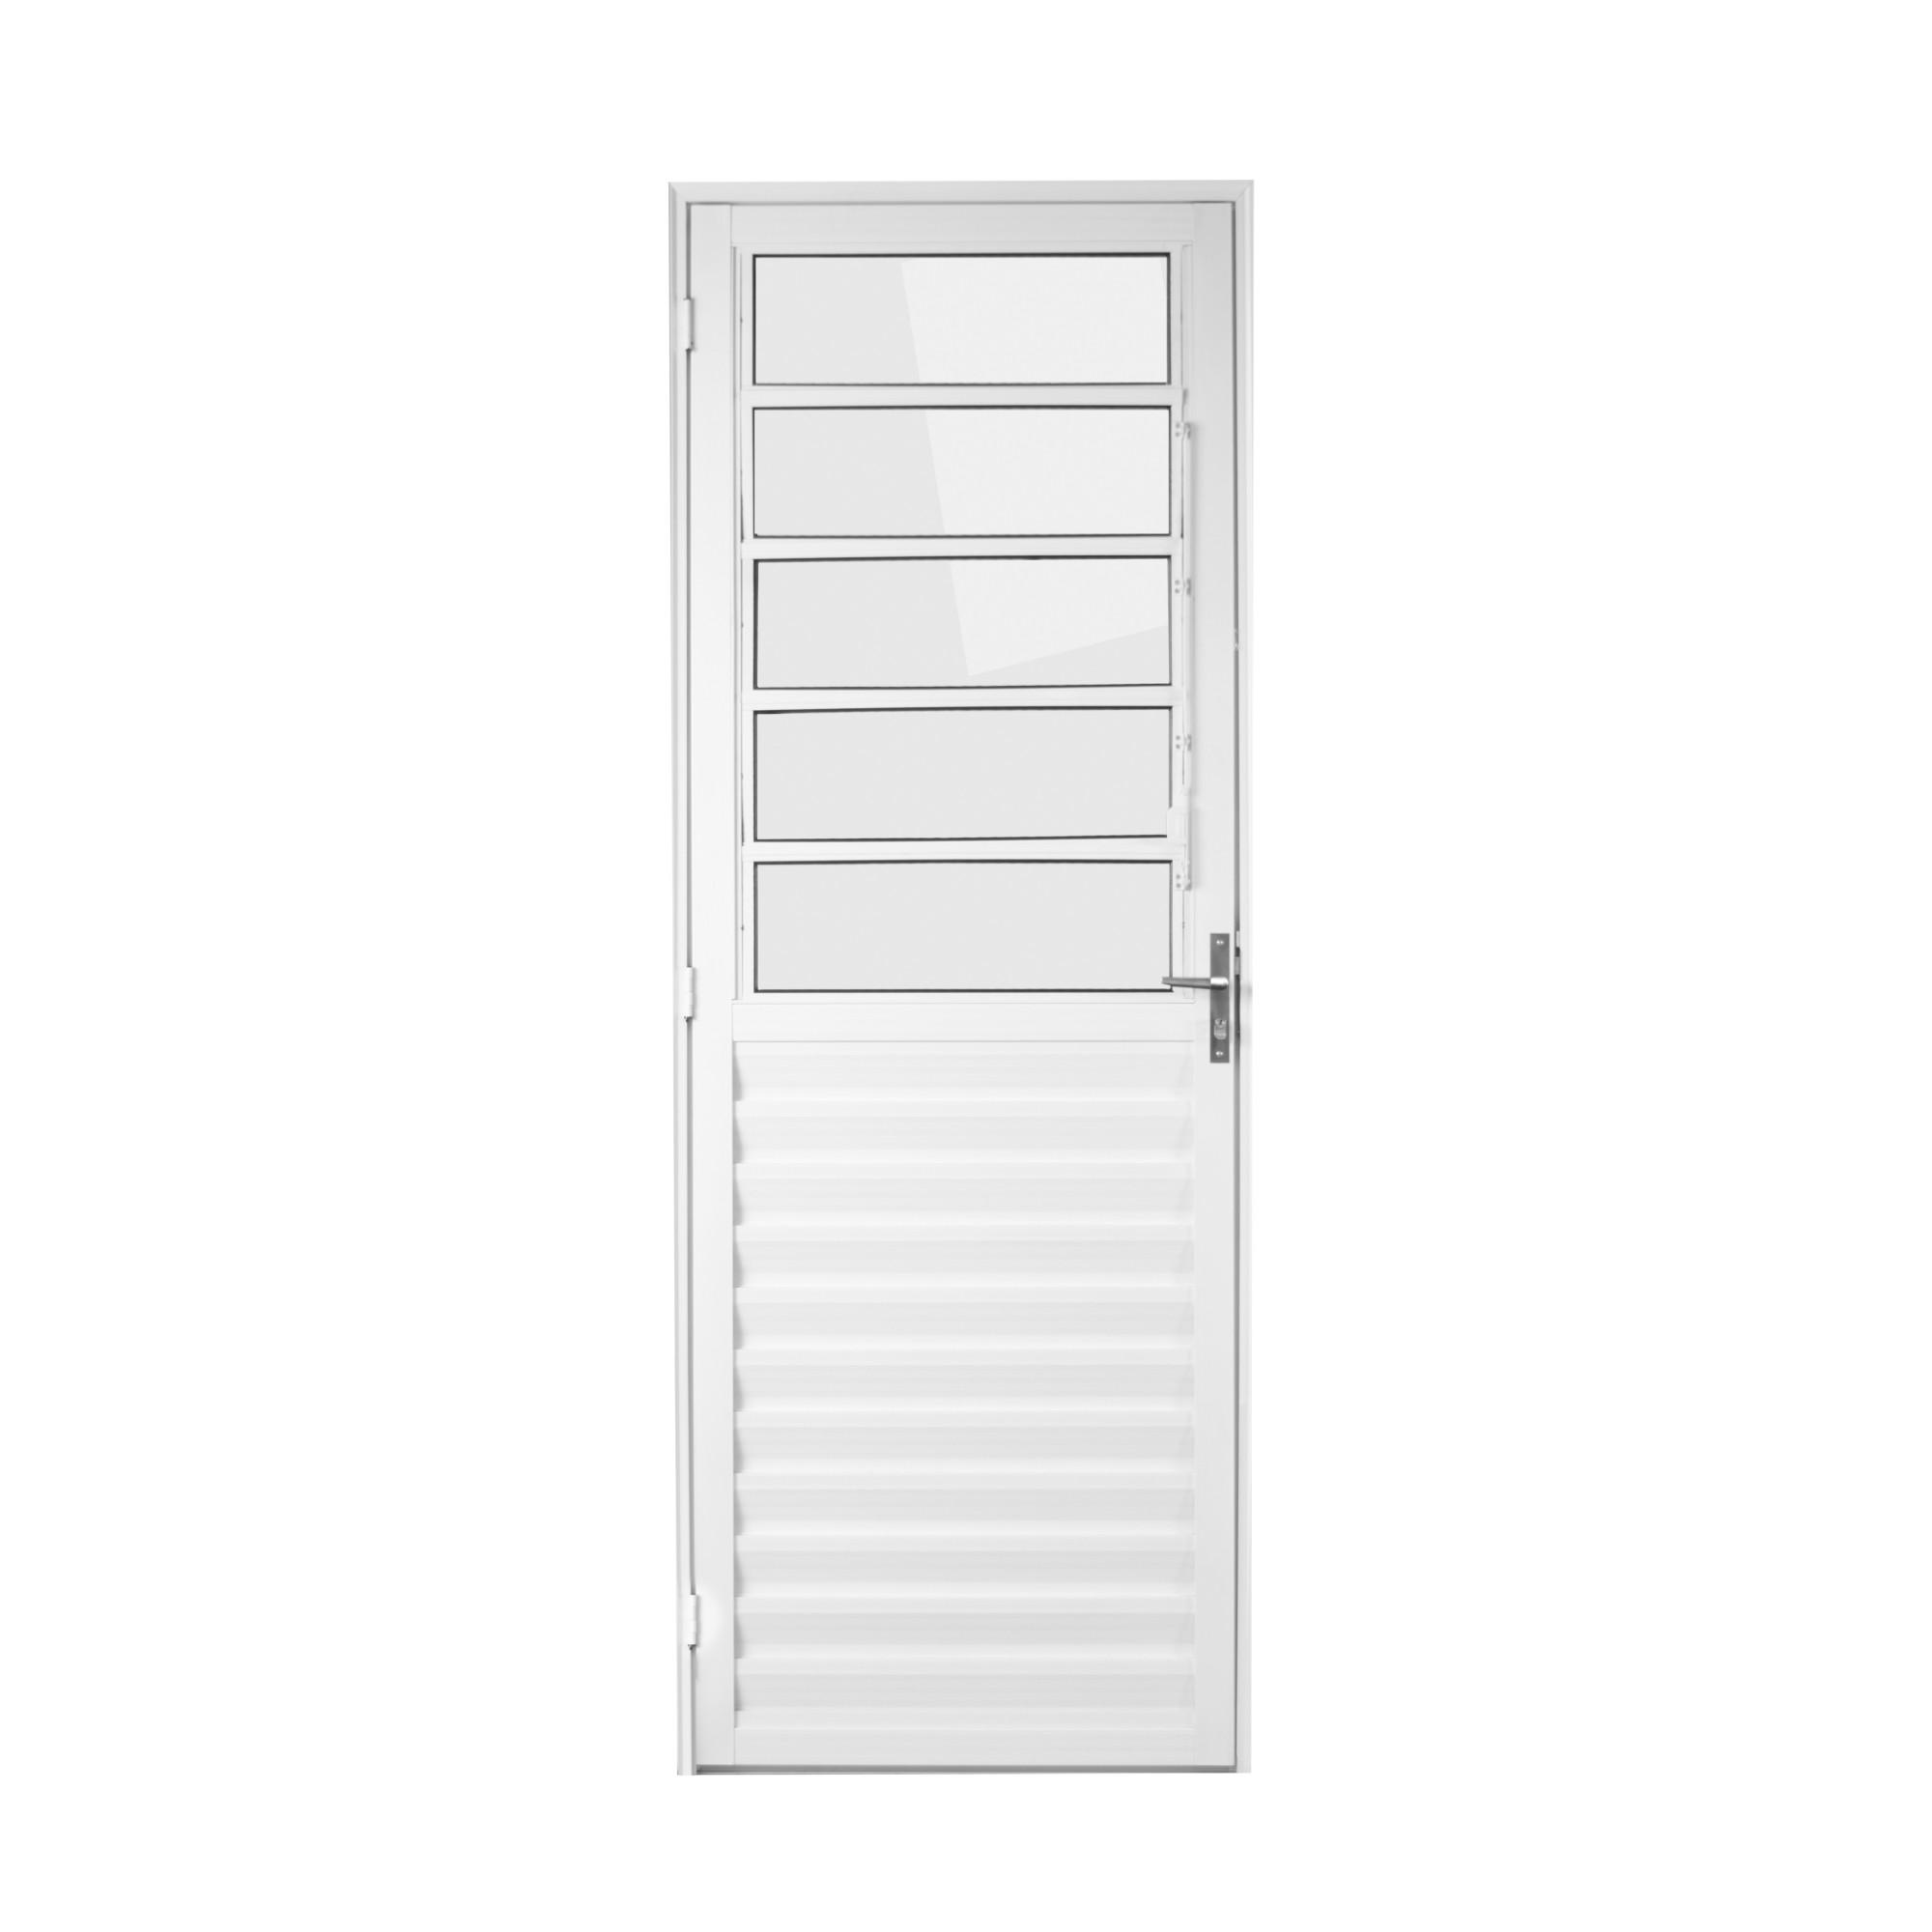 Porta de Aluminio Basculante Branca 210x80 cm Lado Direito Vidro Liso - Aluvid